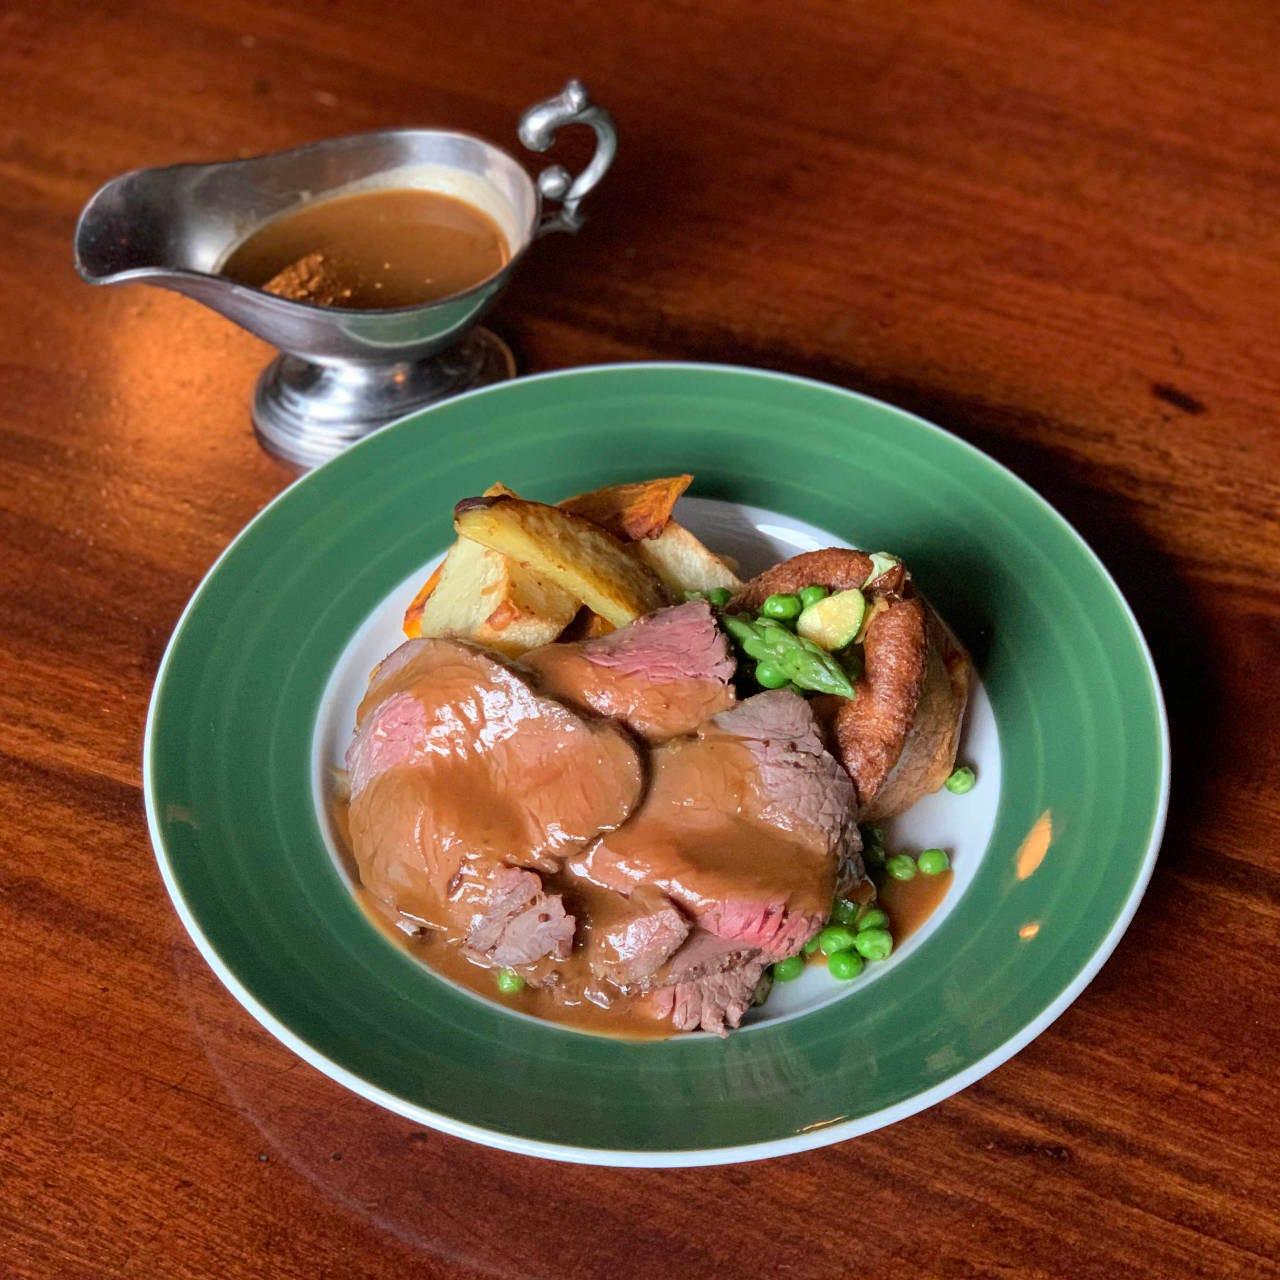 英国伝統料理サンデーロースト